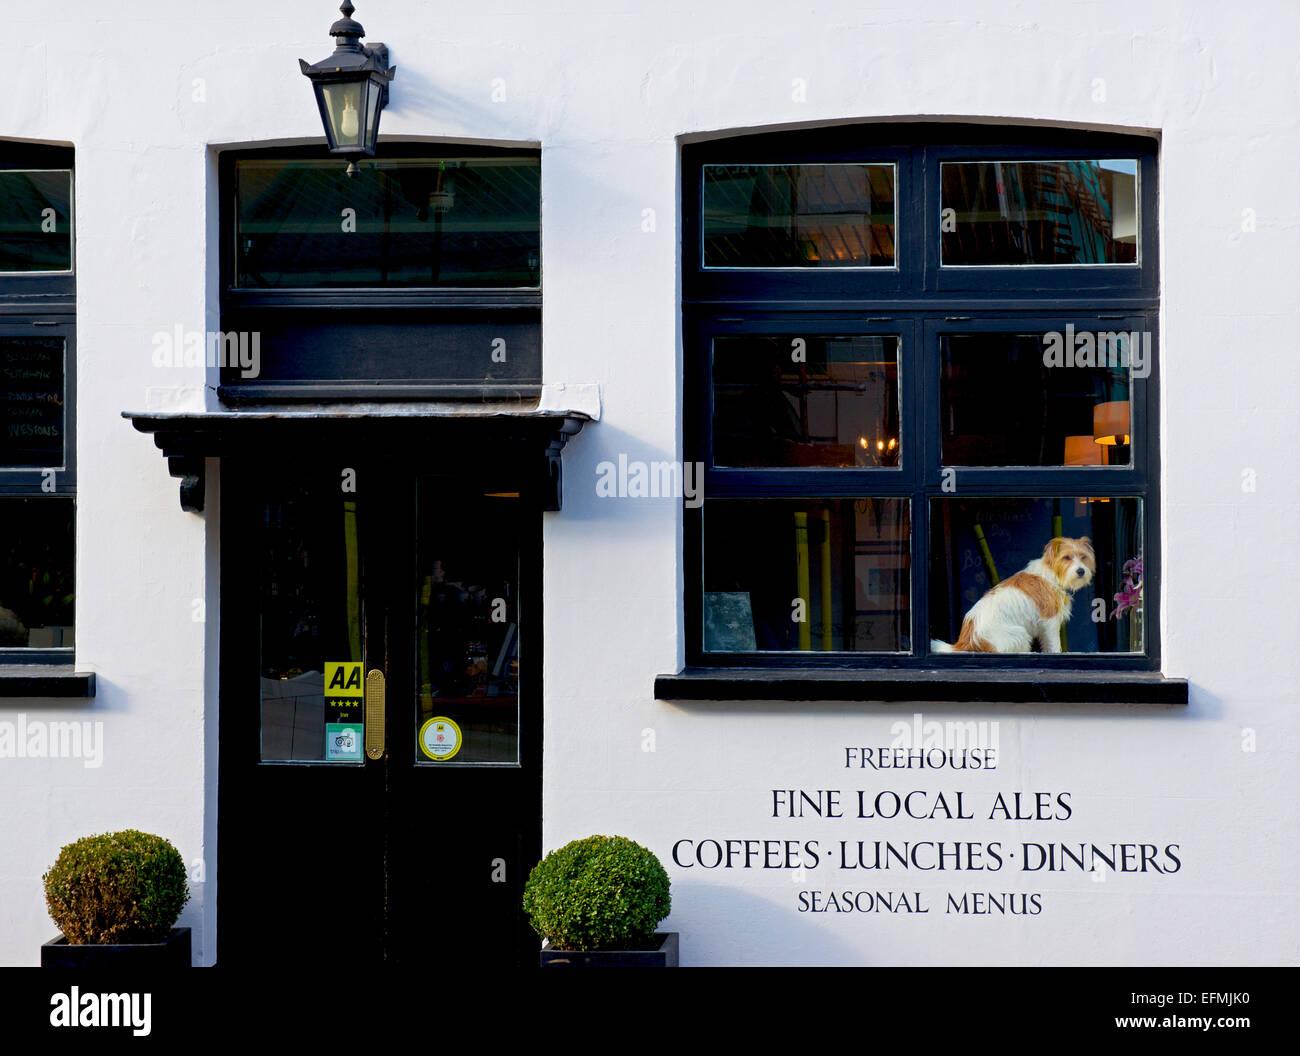 terrier-on-display-in-the-window-of-the-old-drum-pub-in-petersfield-EFMJK0.jpg